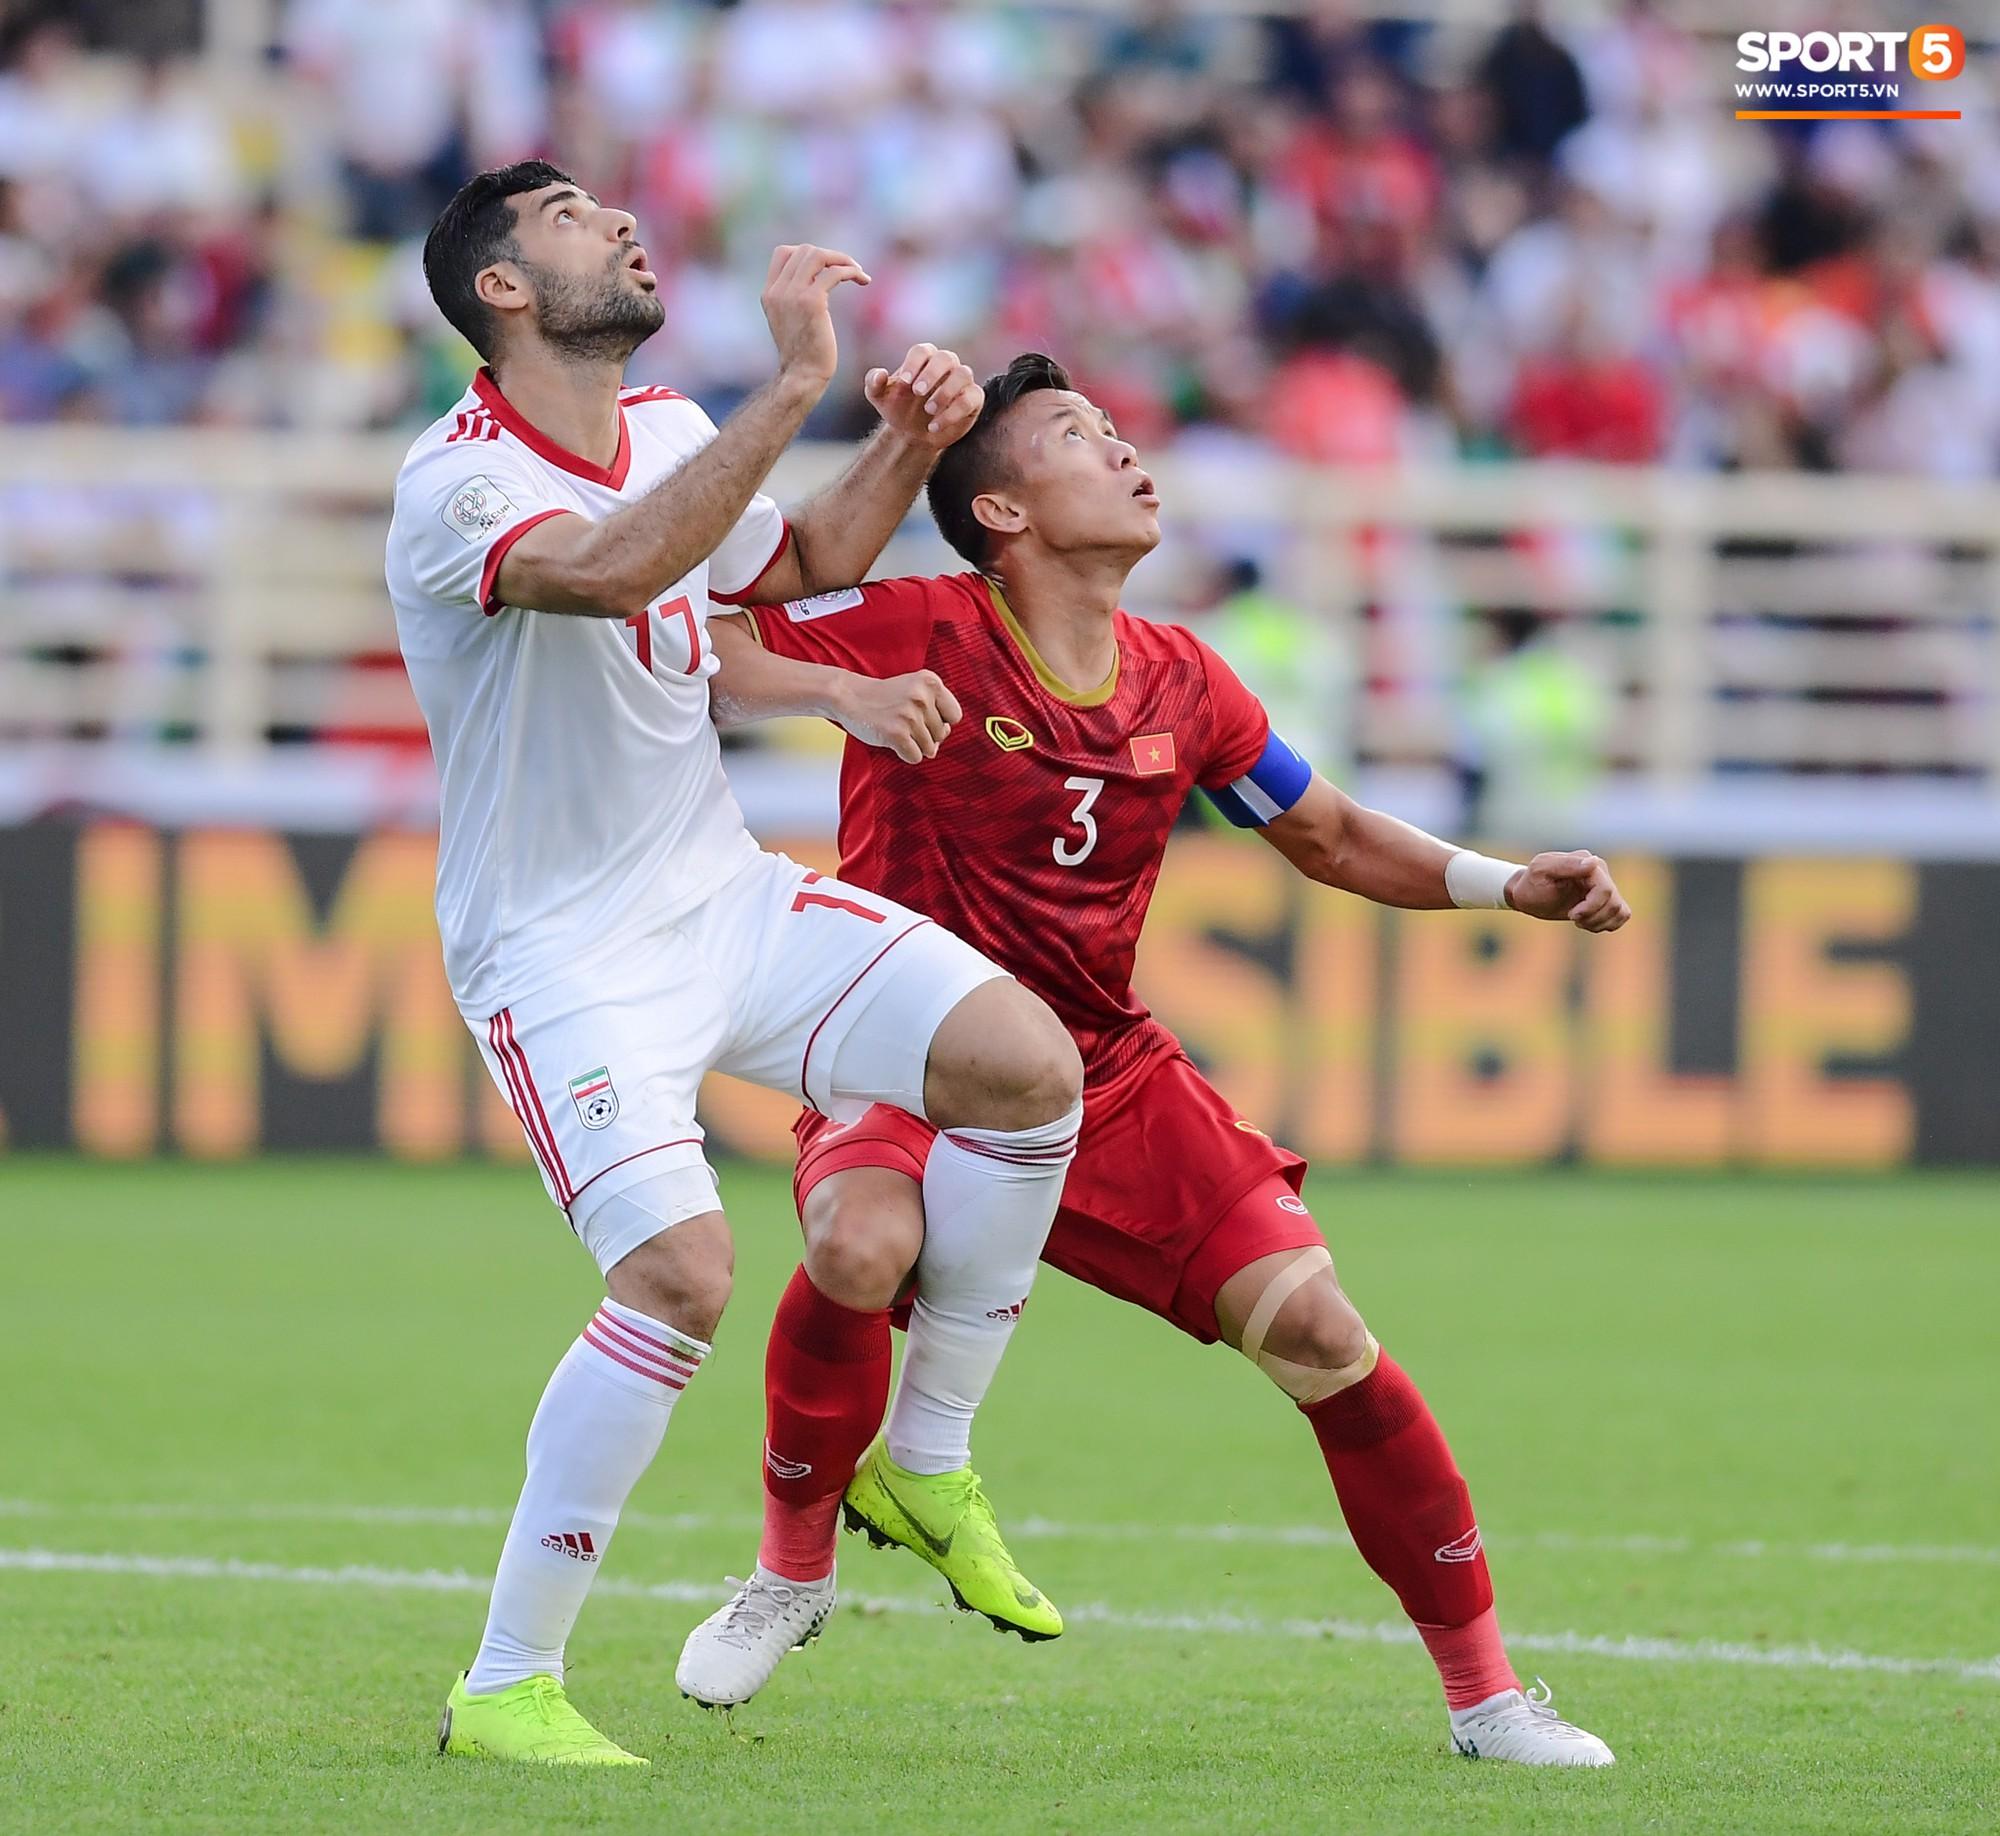 Tuyển Việt Nam tại Asian Cup 2019: Người đổ máu, người sưng húp mắt, mất trí nhớ tạm thời - Ảnh 2.